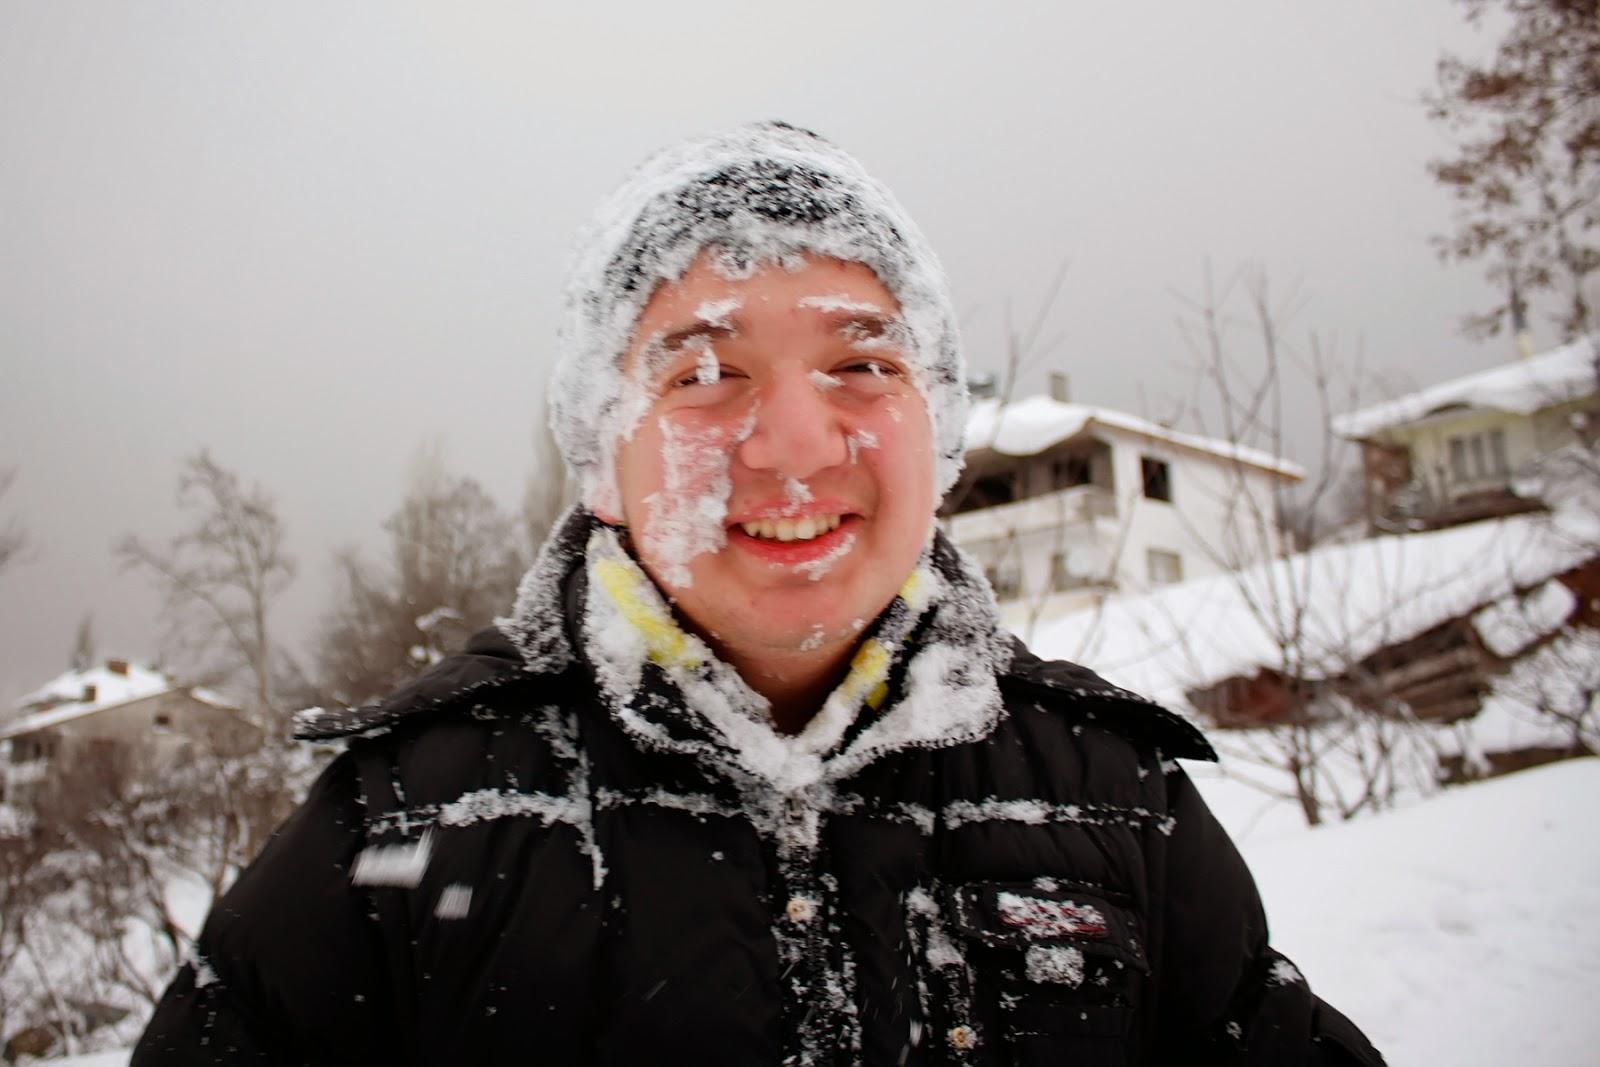 Sugören'de Kış - Karda Kayan Çocuklar-9